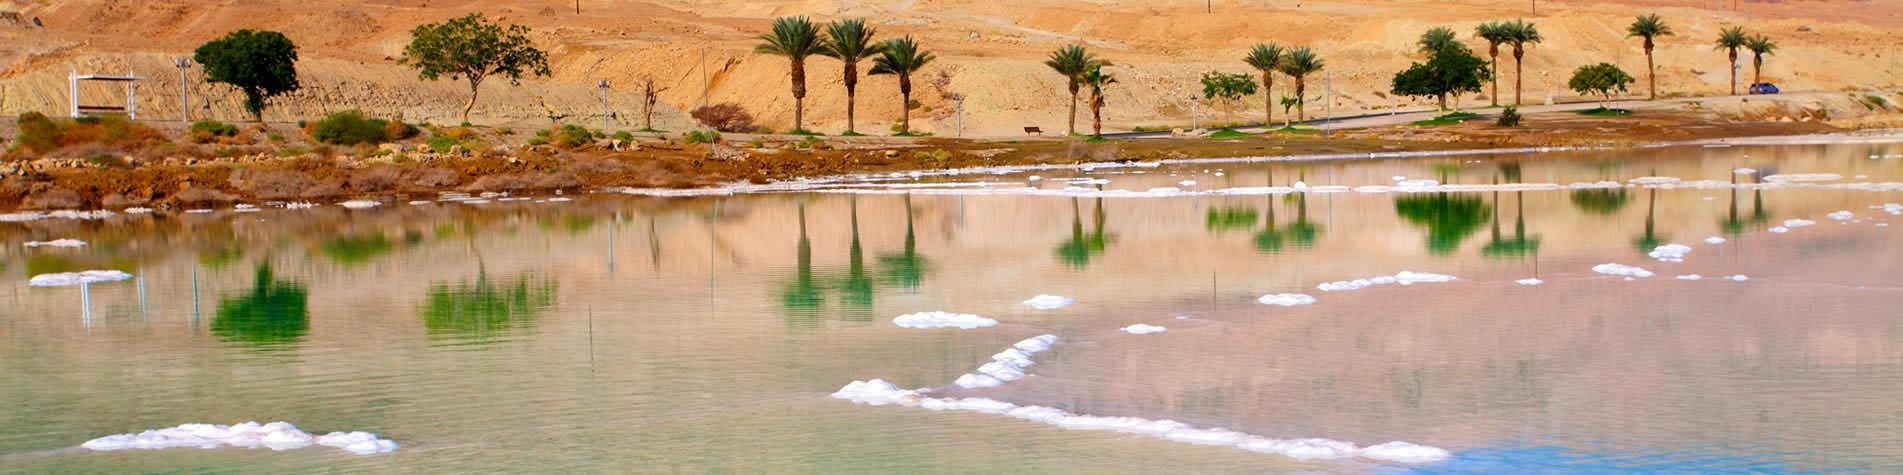 Dead Sea Holidays